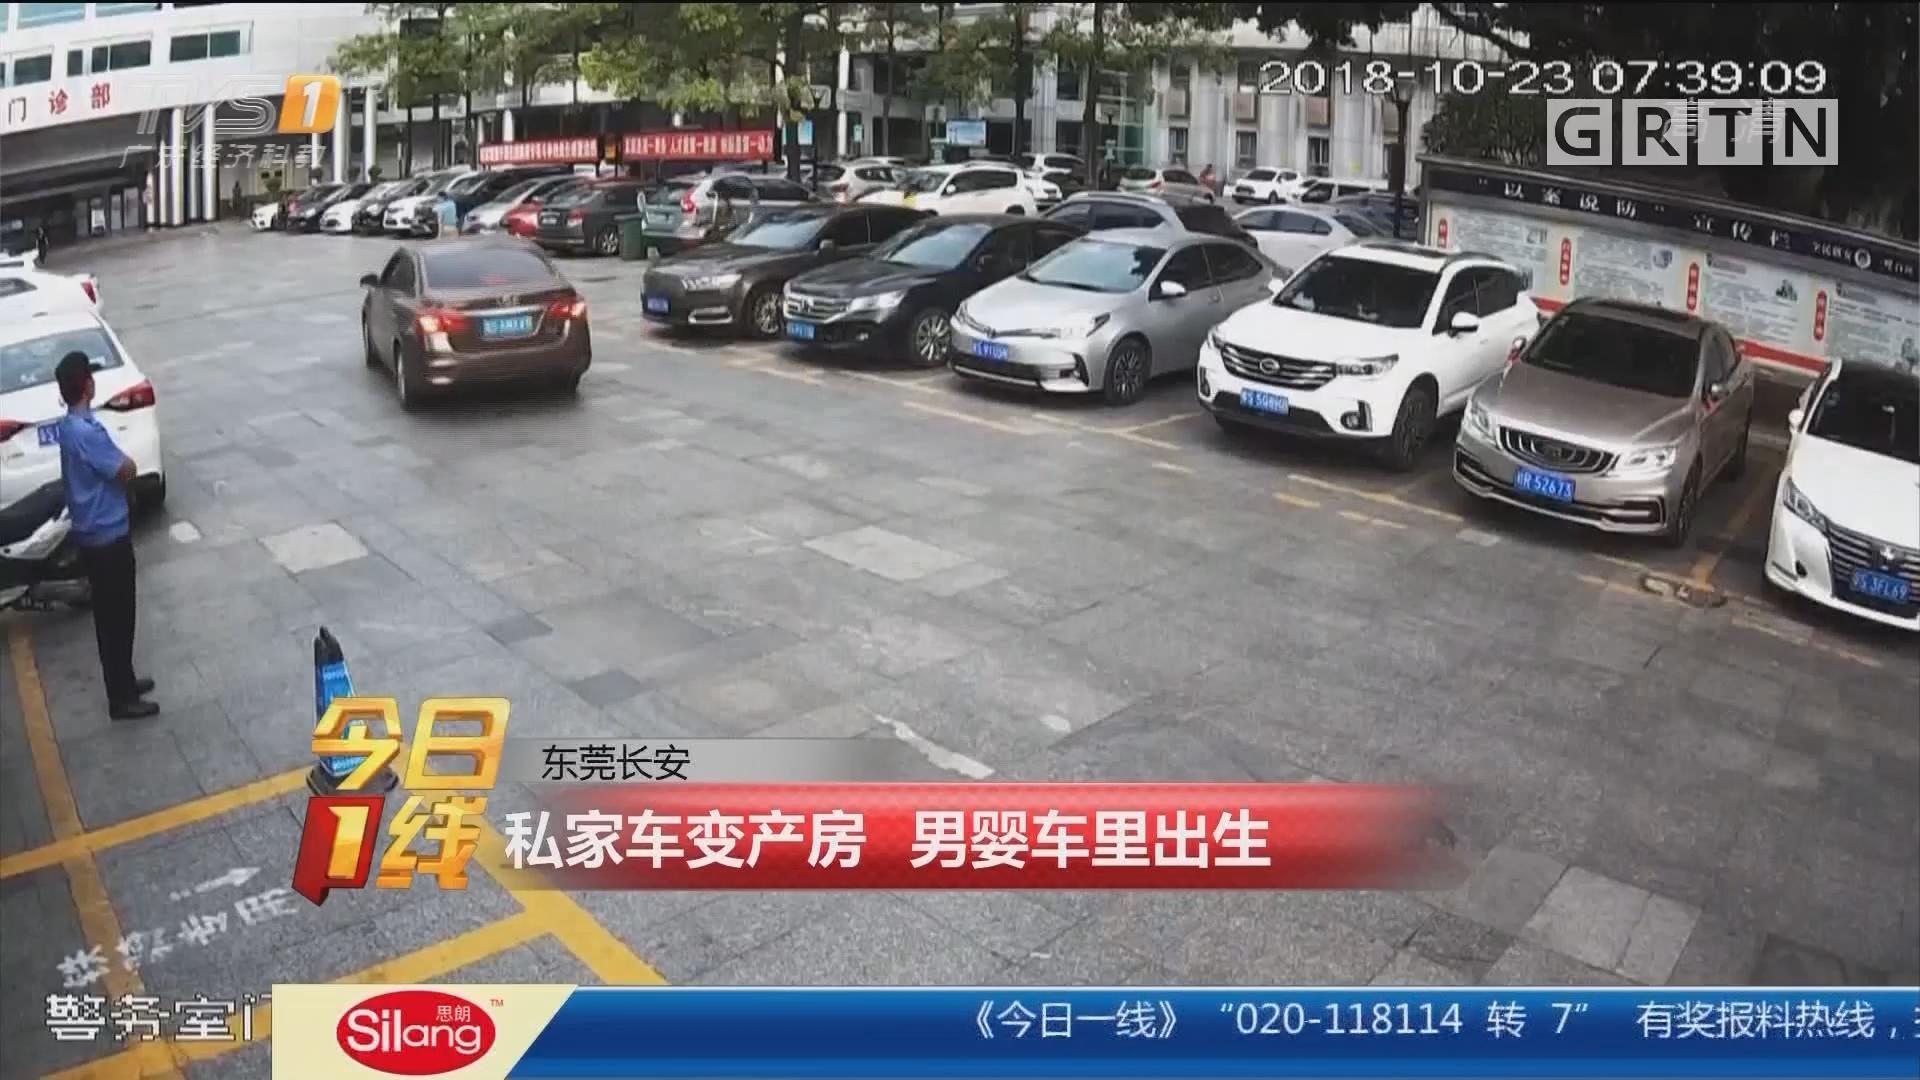 东莞长安:私家车变产房 男婴车里出生